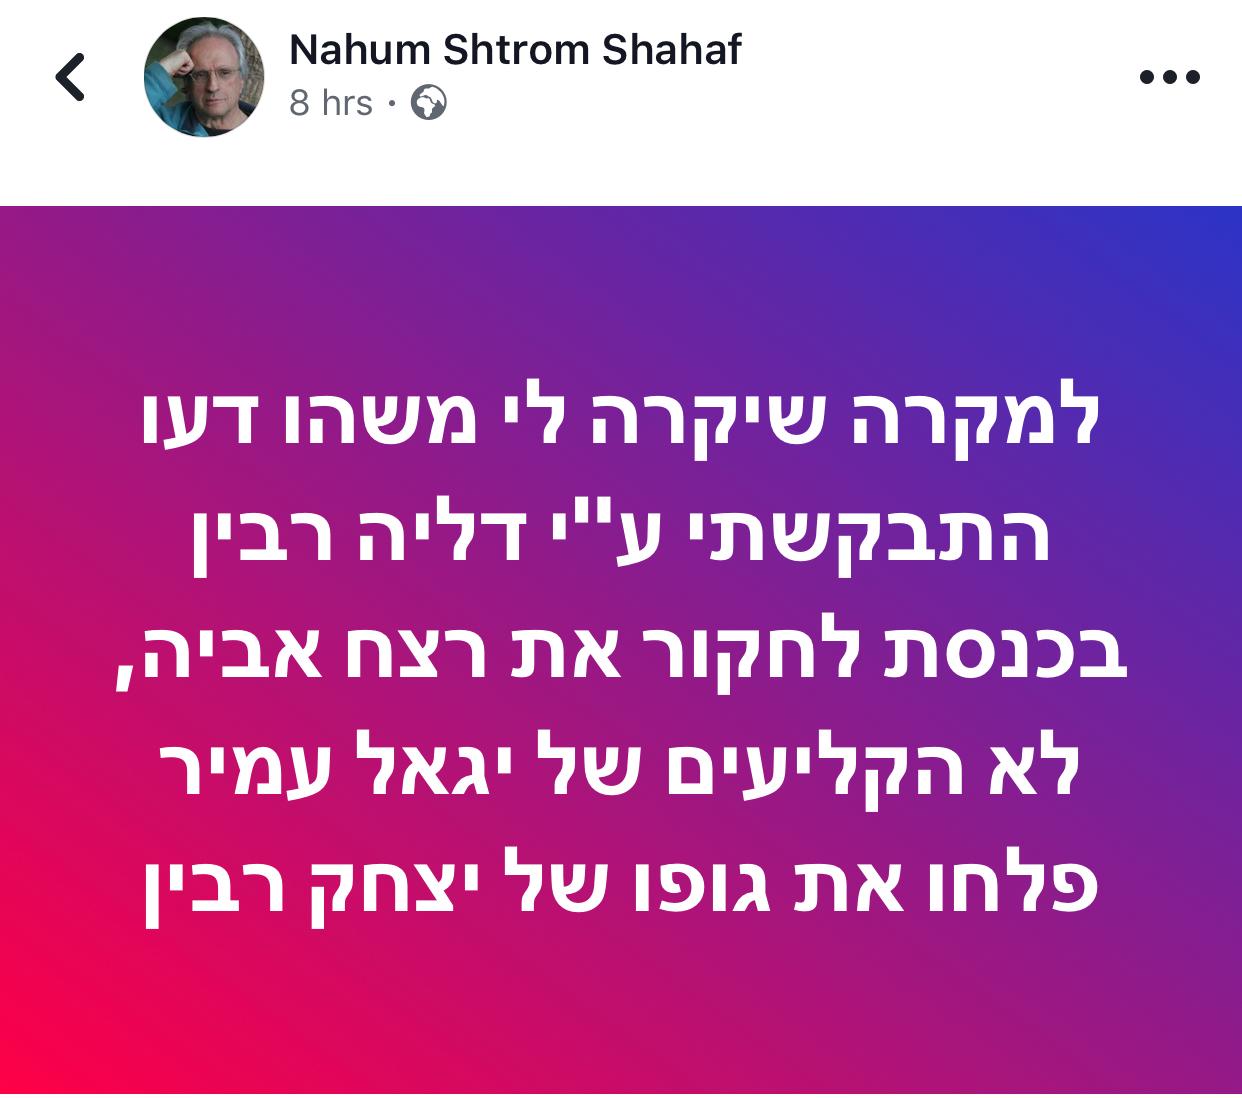 יגאל עמיר: פוליסת ביטוח: התבקש ע״י דליה רבין לחקור את רצח אביה